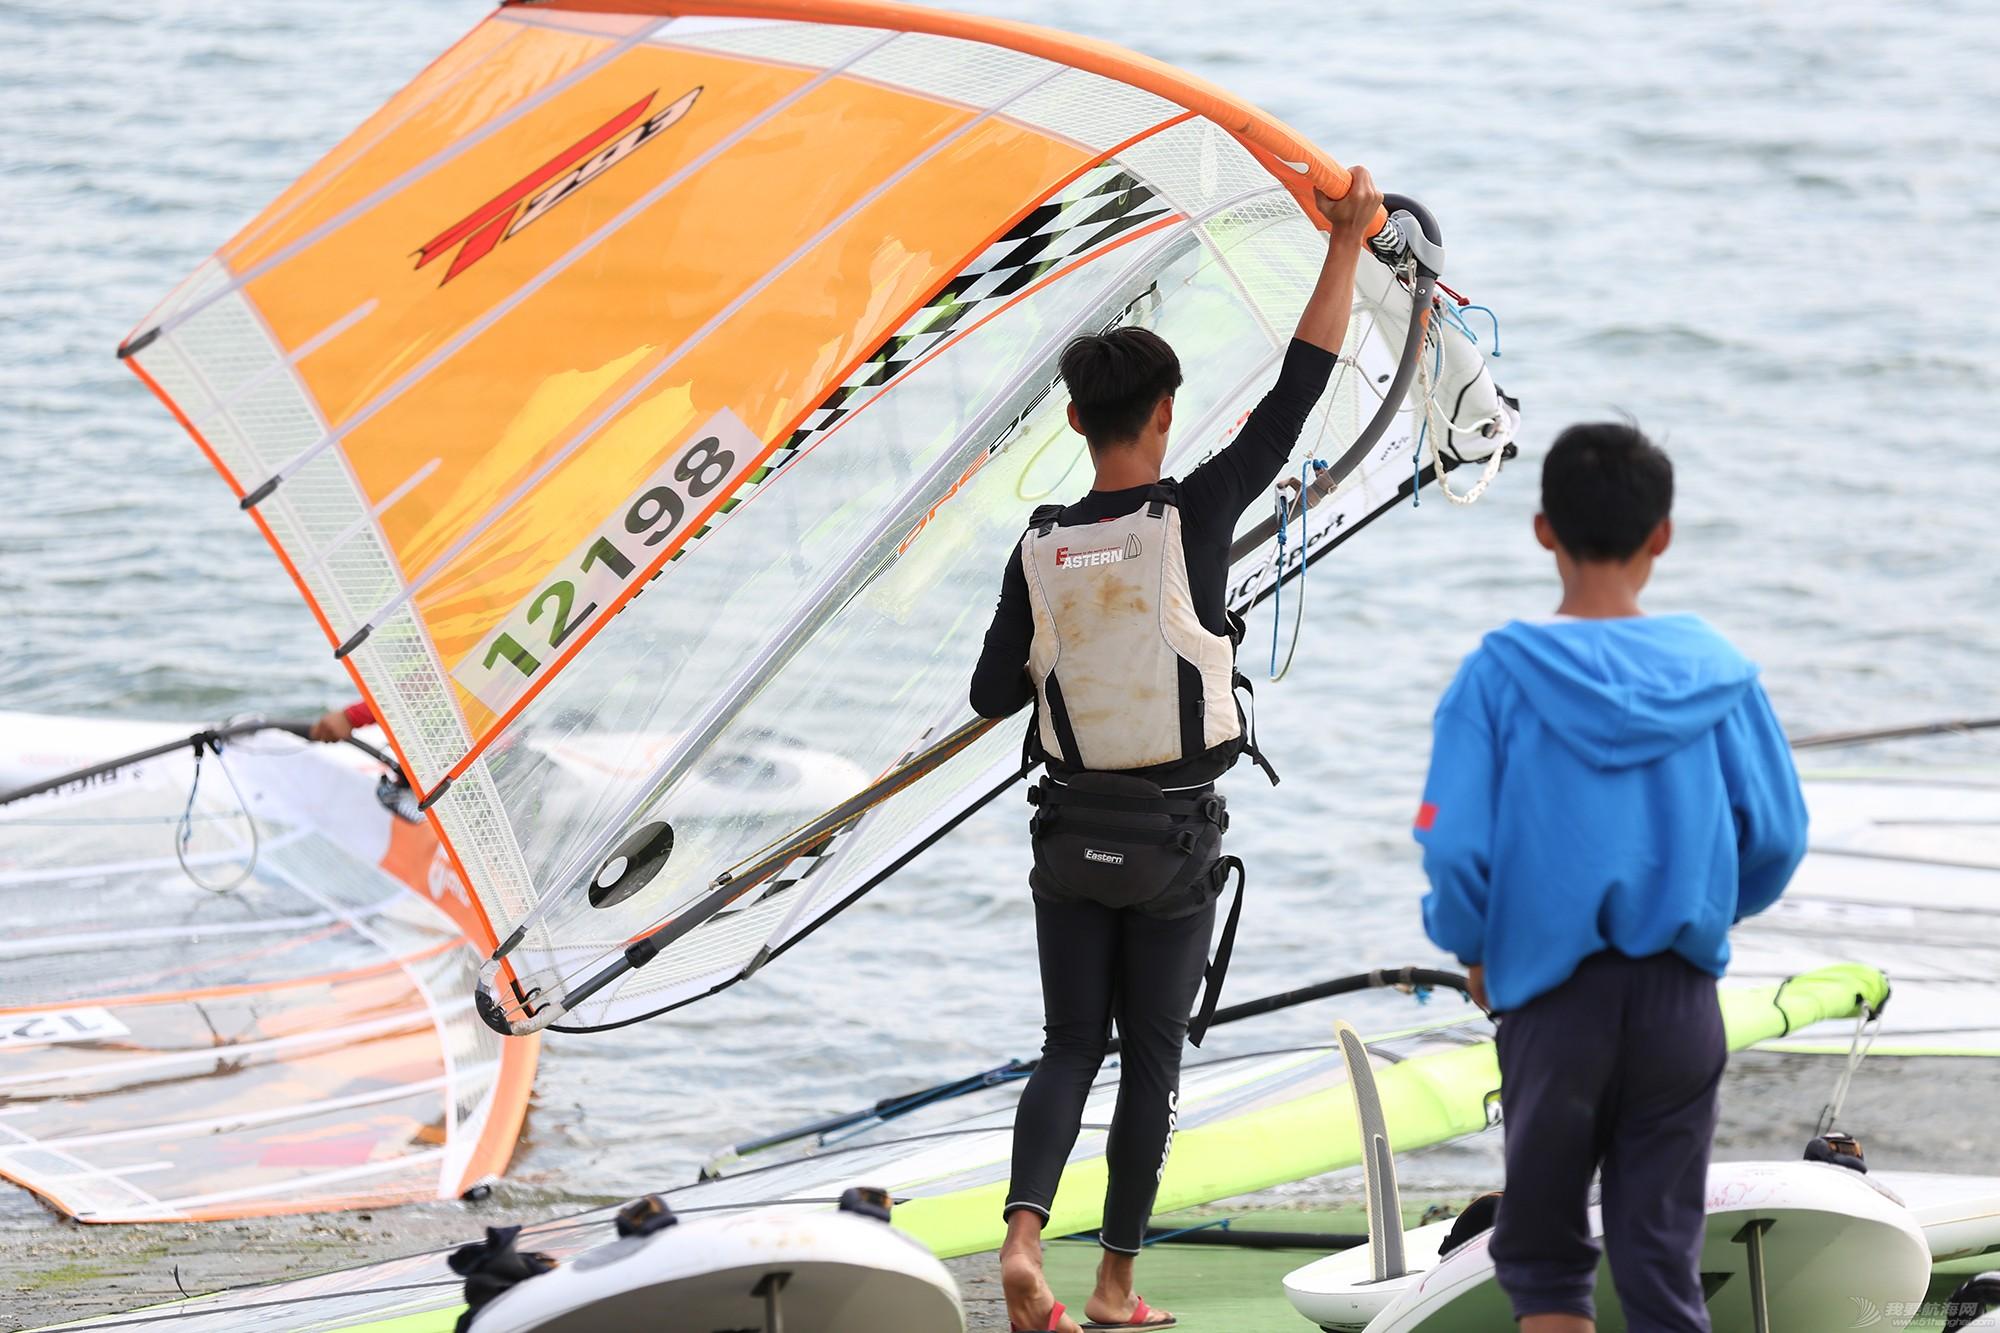 山东省,冠军赛,帆板,帆船 忙碌的赛前准备——山东省帆船帆板冠军赛花絮 5V8A9621.JPG